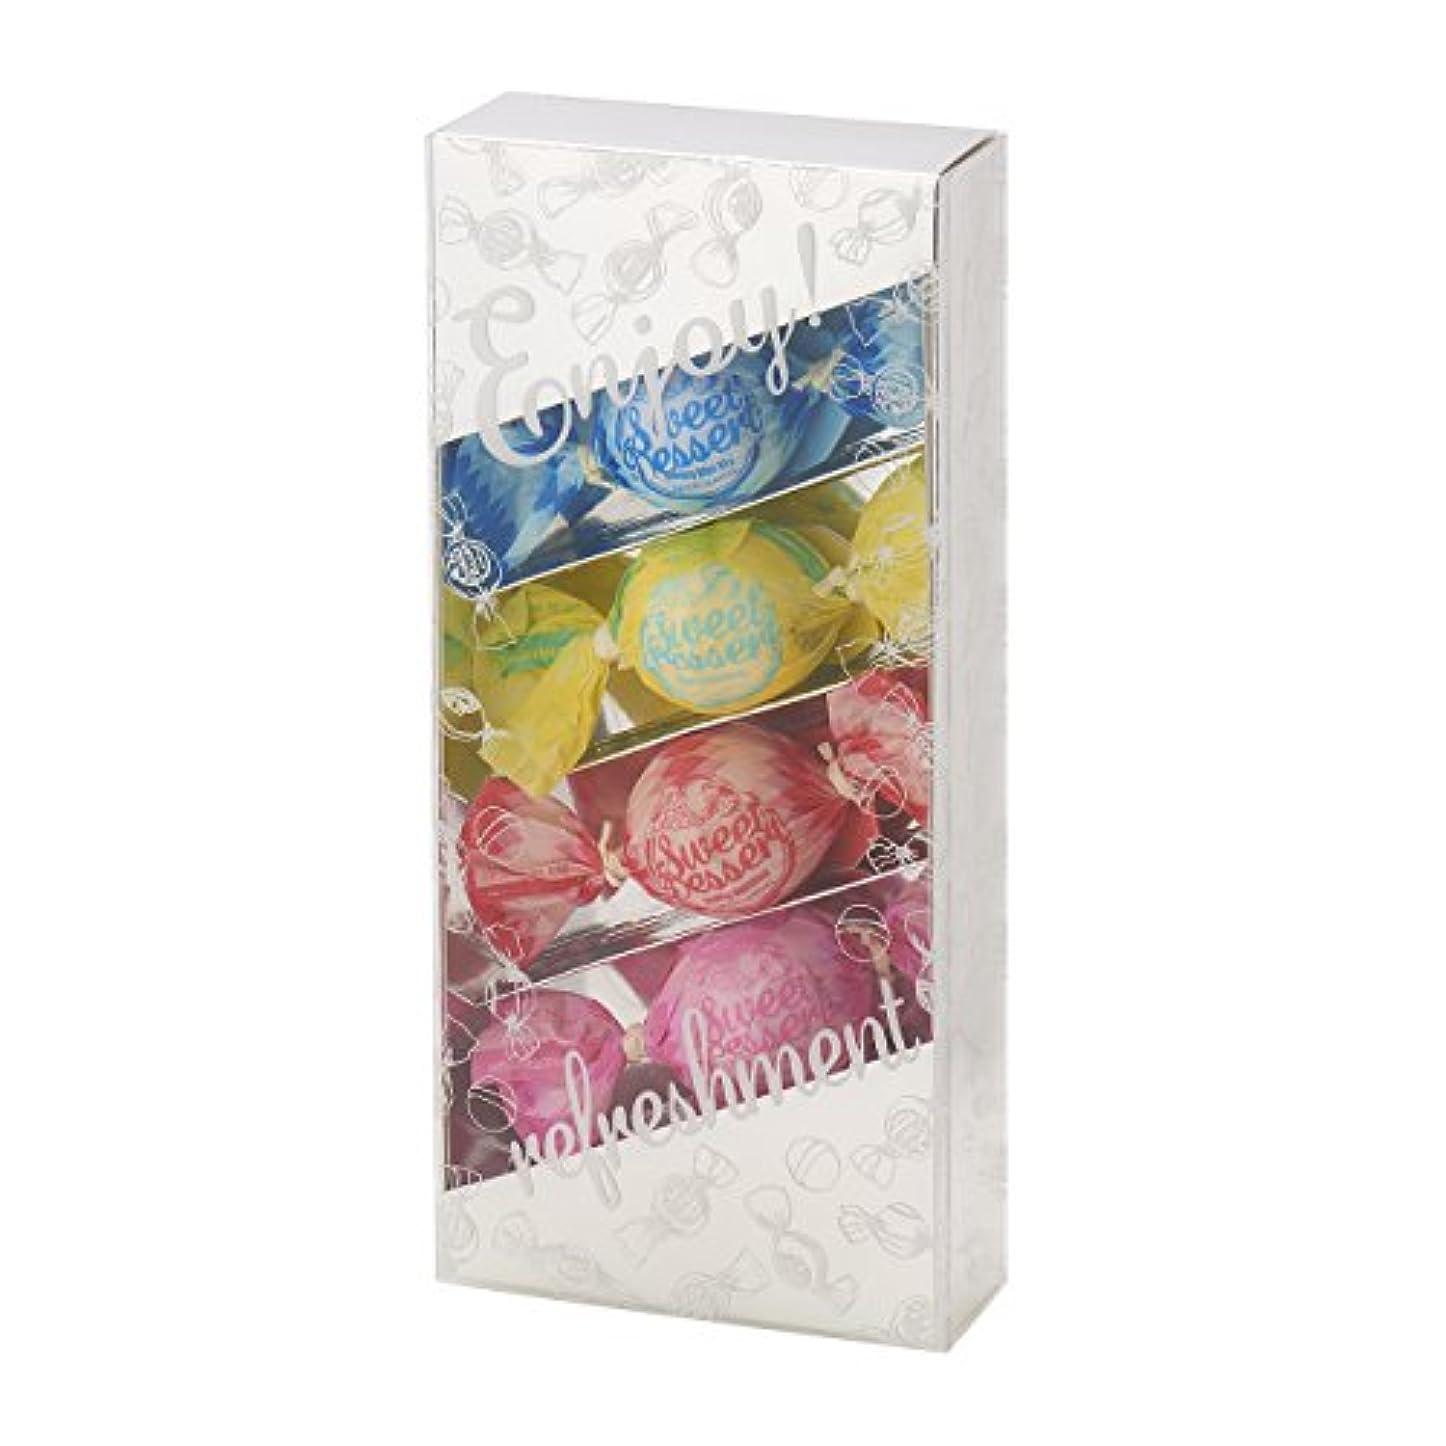 機械的に話地味なアマイワナ バスキャンディー4粒ギフトセット(35g×4個) シルバー(発泡タイプ入浴料 バスギフト)